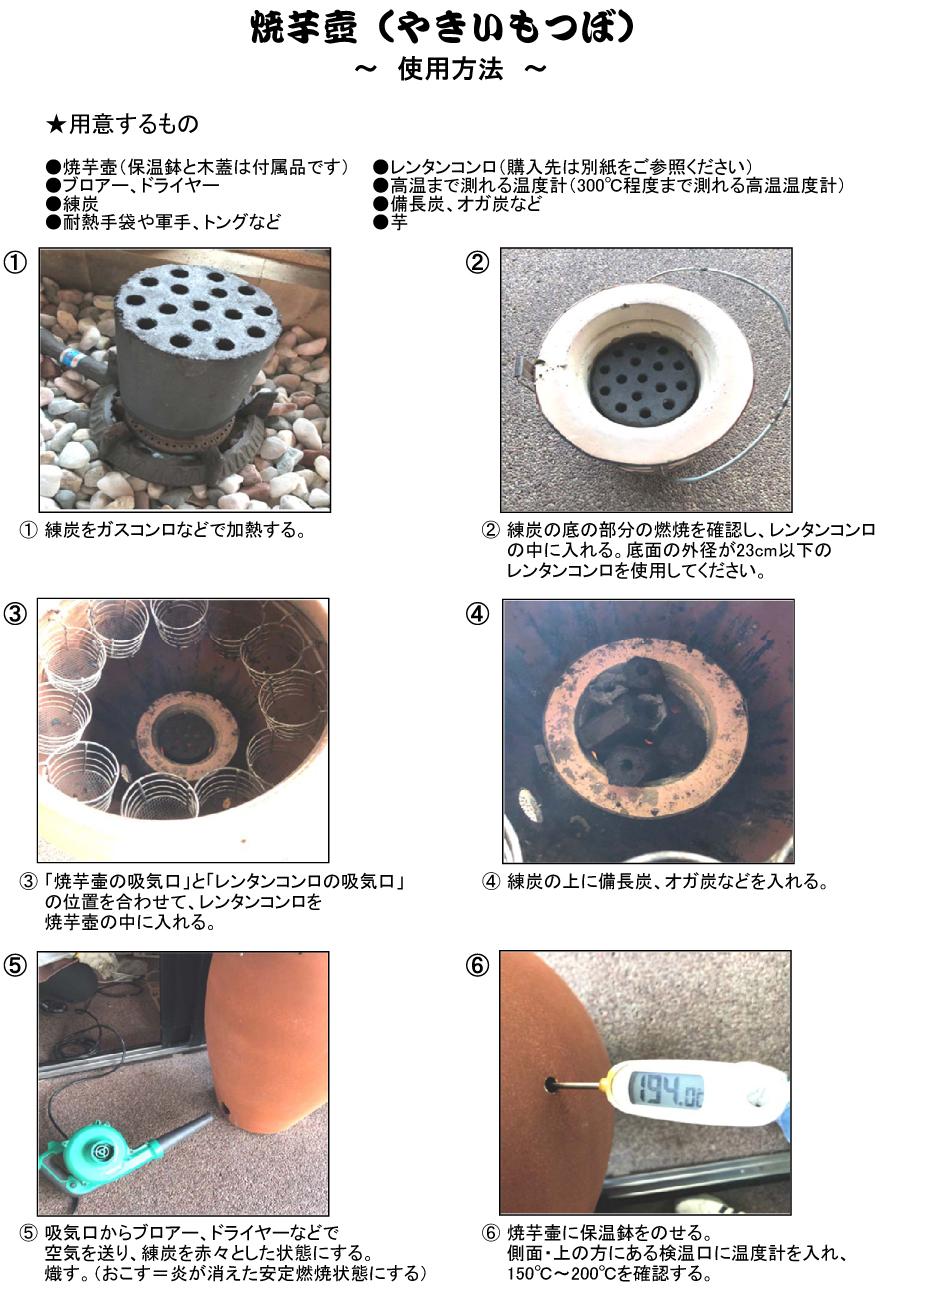 焼芋壺(信楽焼)【11月20日頃まで在庫切れのため予約販売になります】 サムネイル4